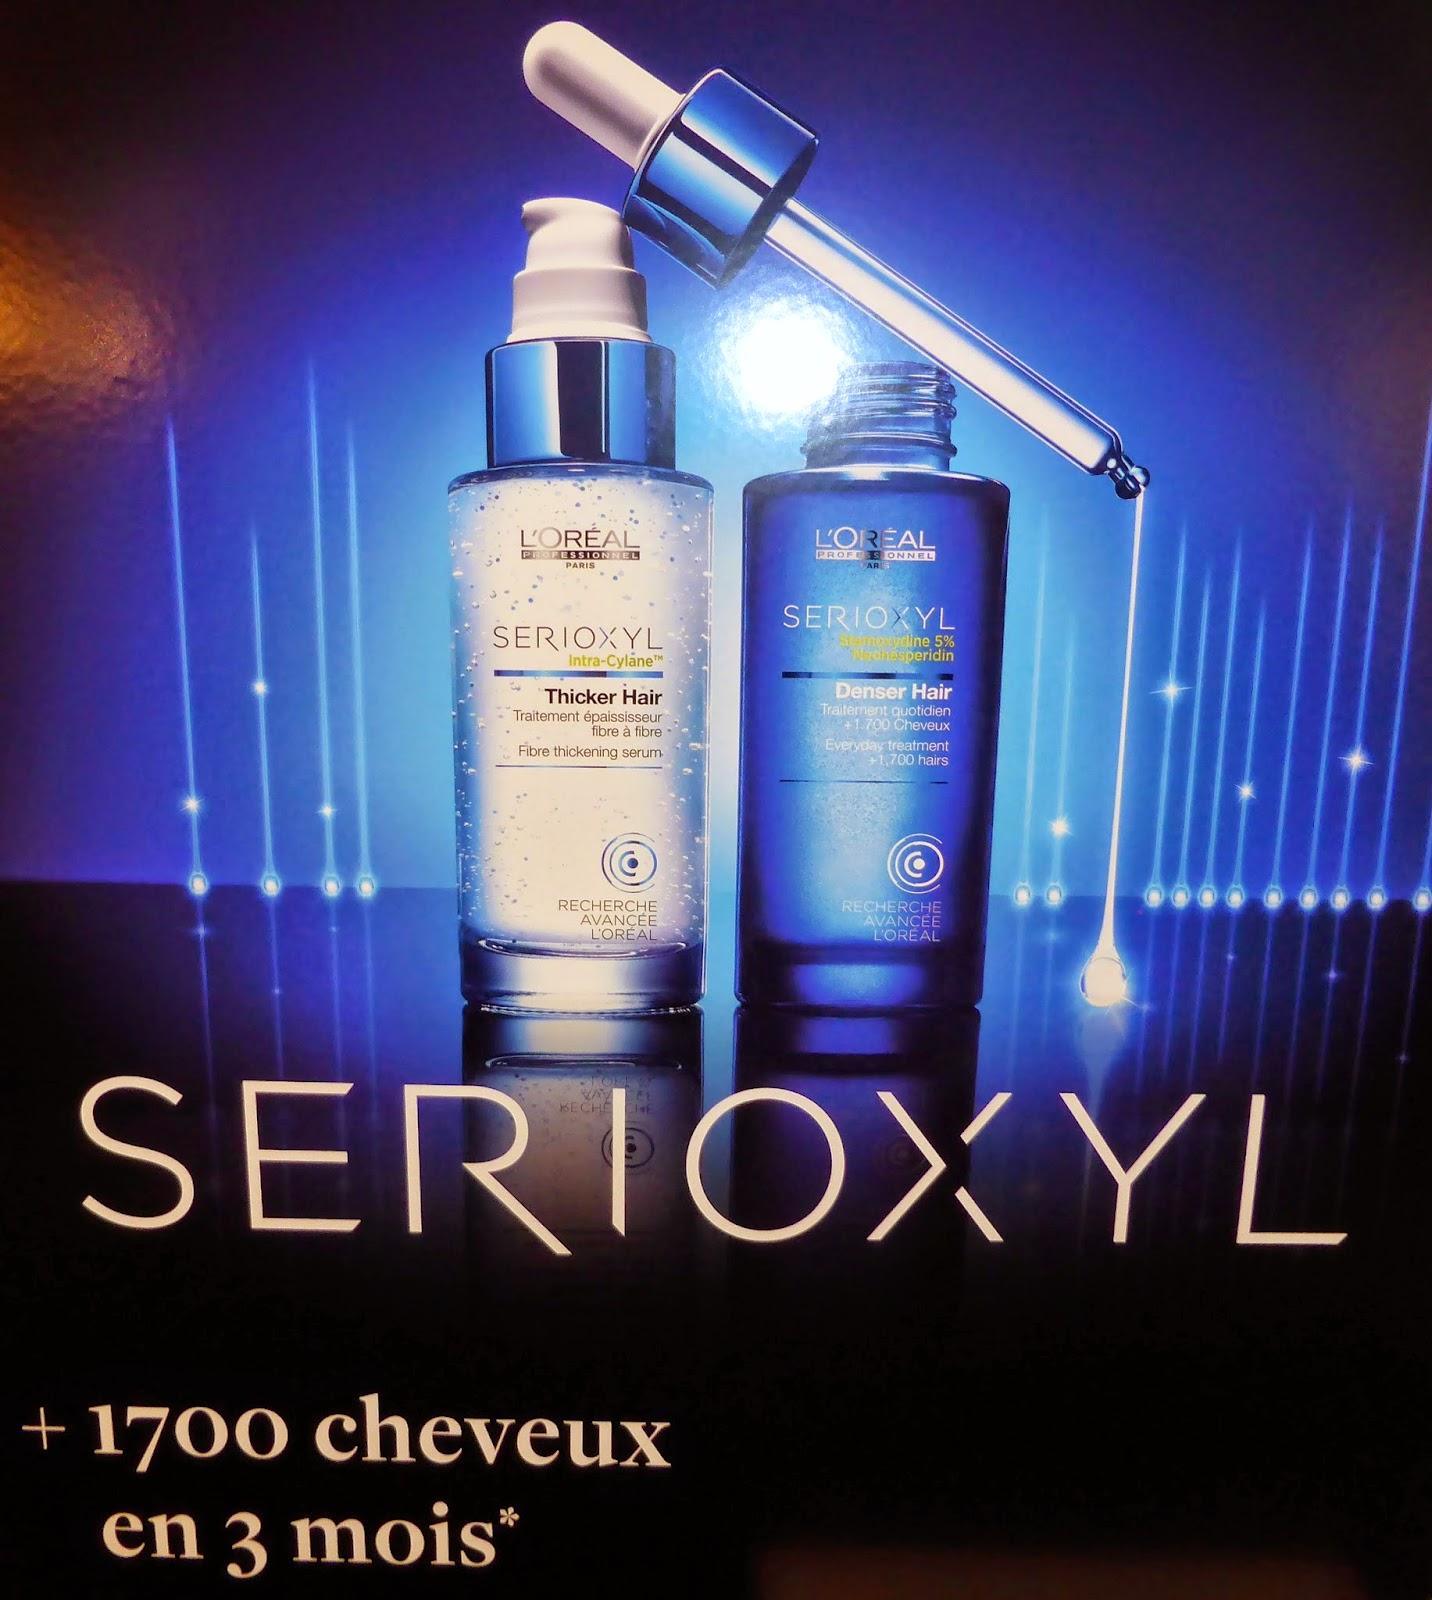 Serixoyl de L'Oréal Recherche Avancée, la solution pour les besoins de densité et/ou d'épaisseur ,  disponible au Studio 54, salon de coiffure à Montpellier.